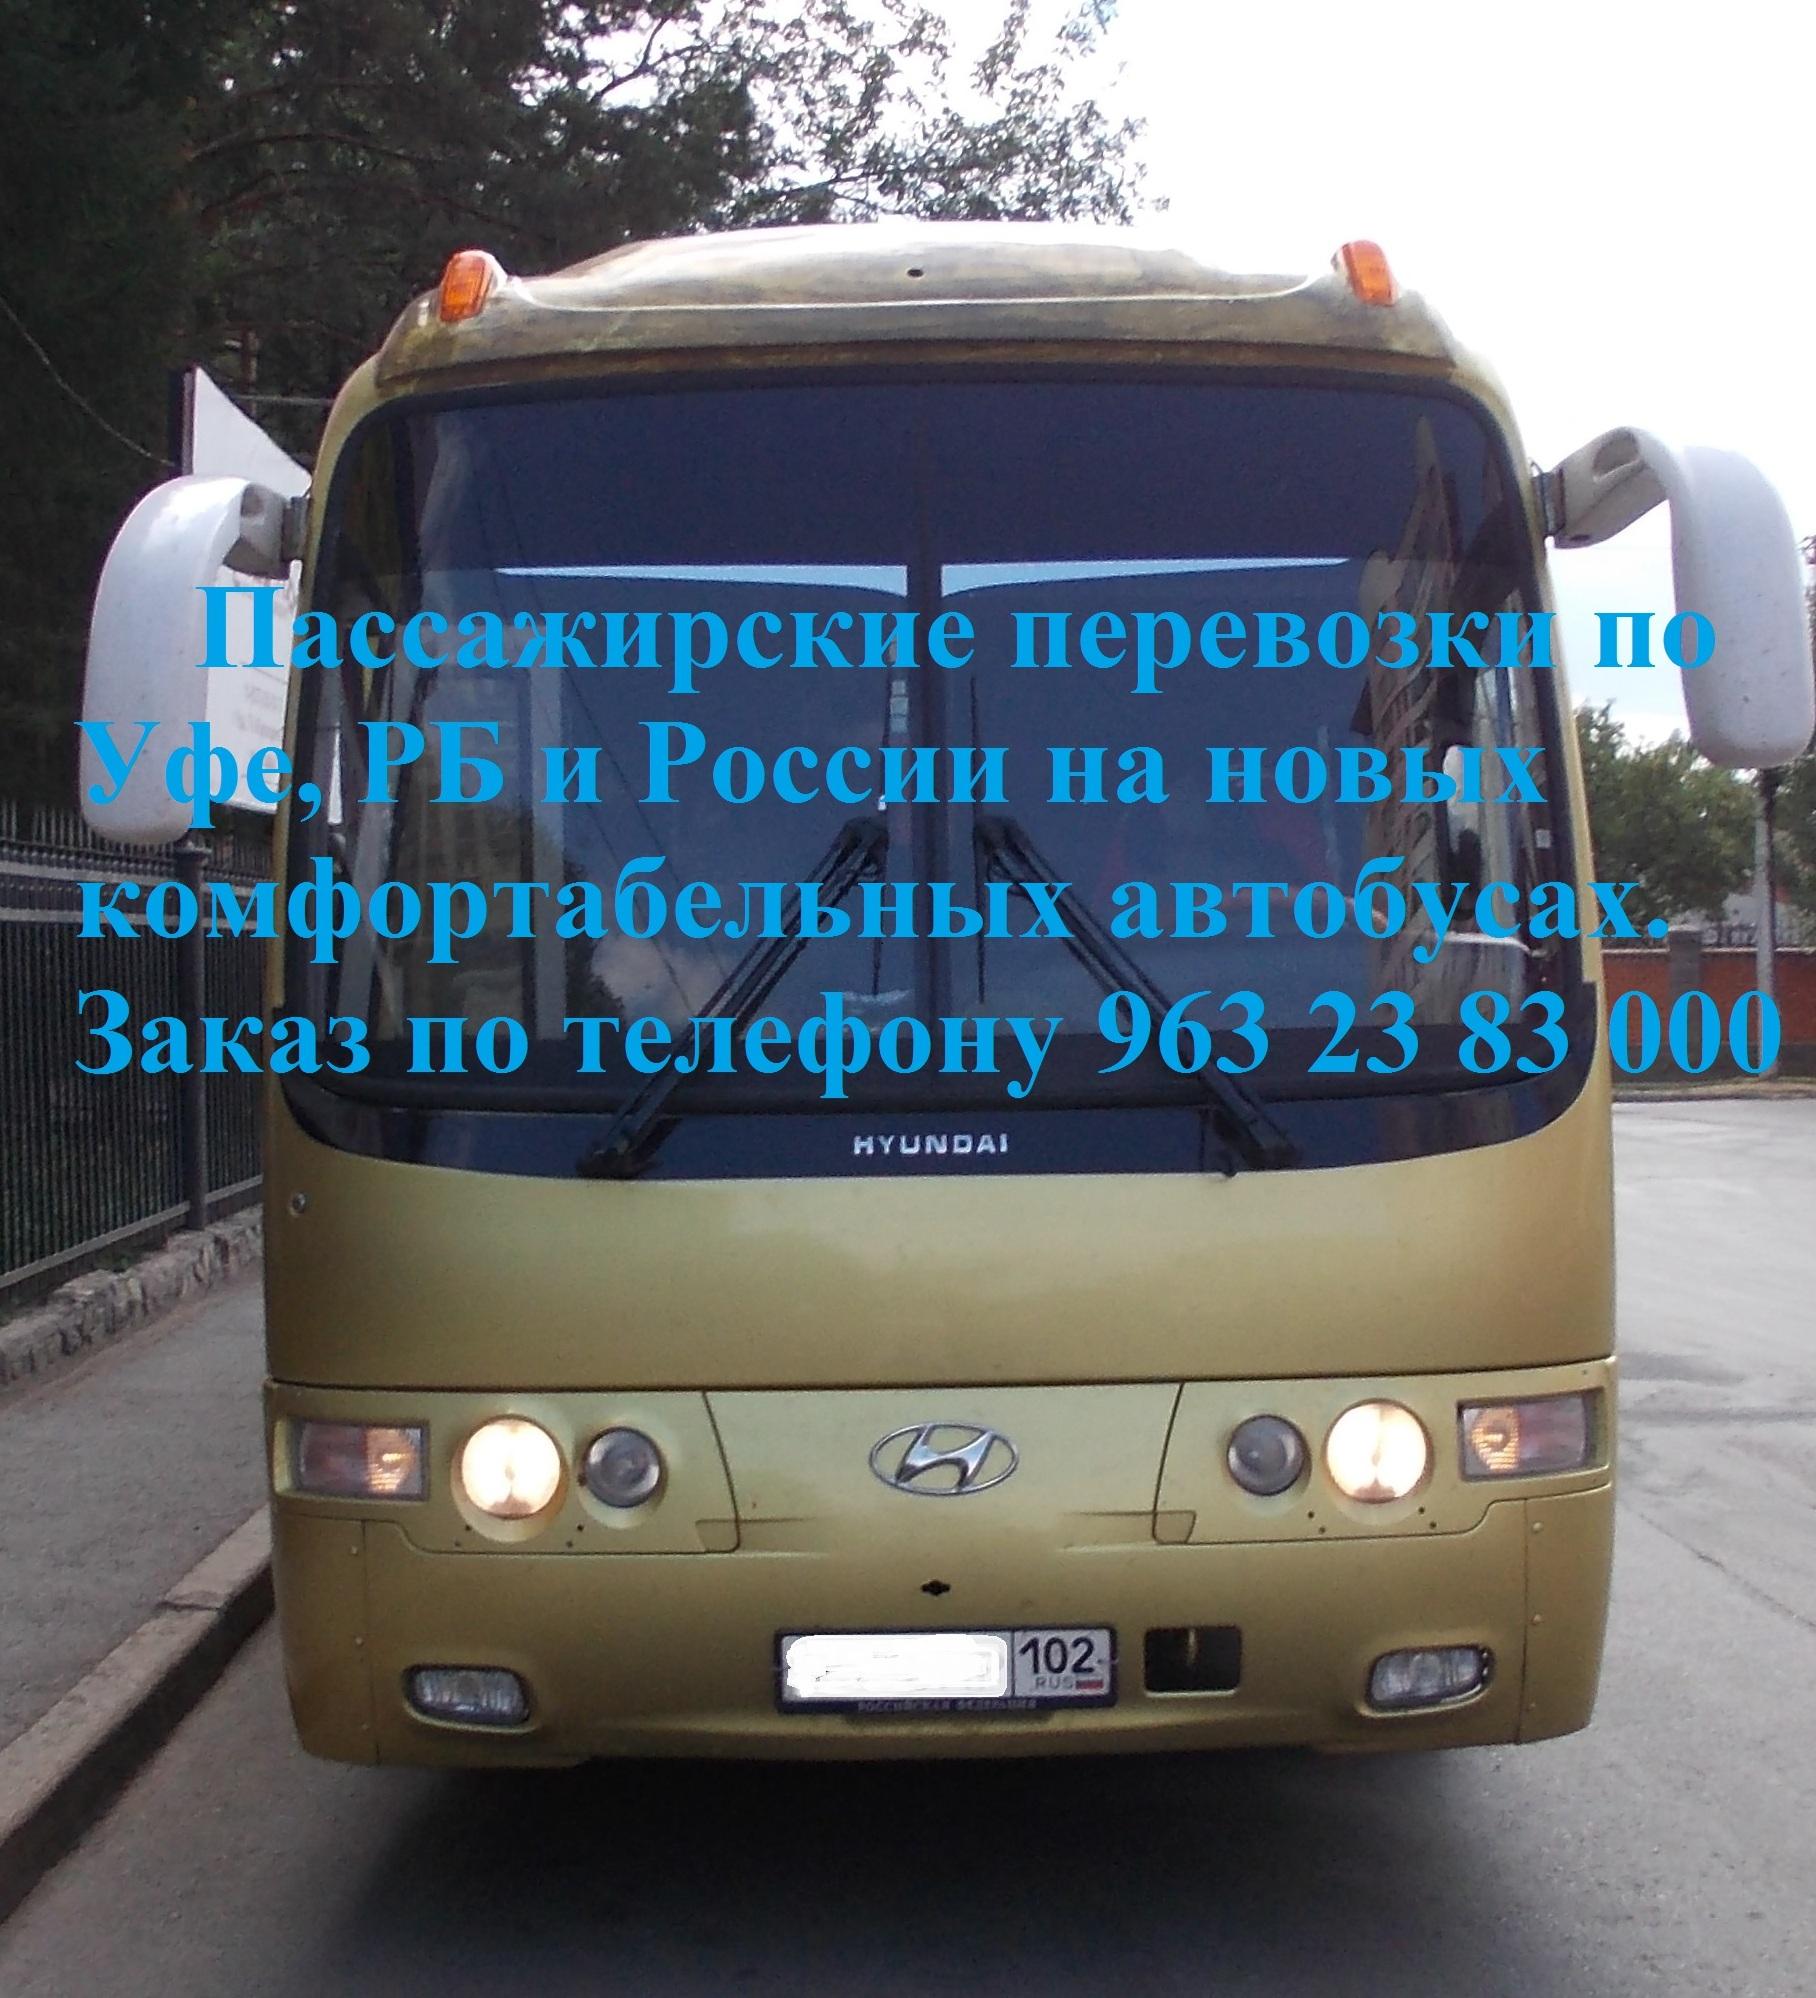 Пассажирские перевозки в Уфе